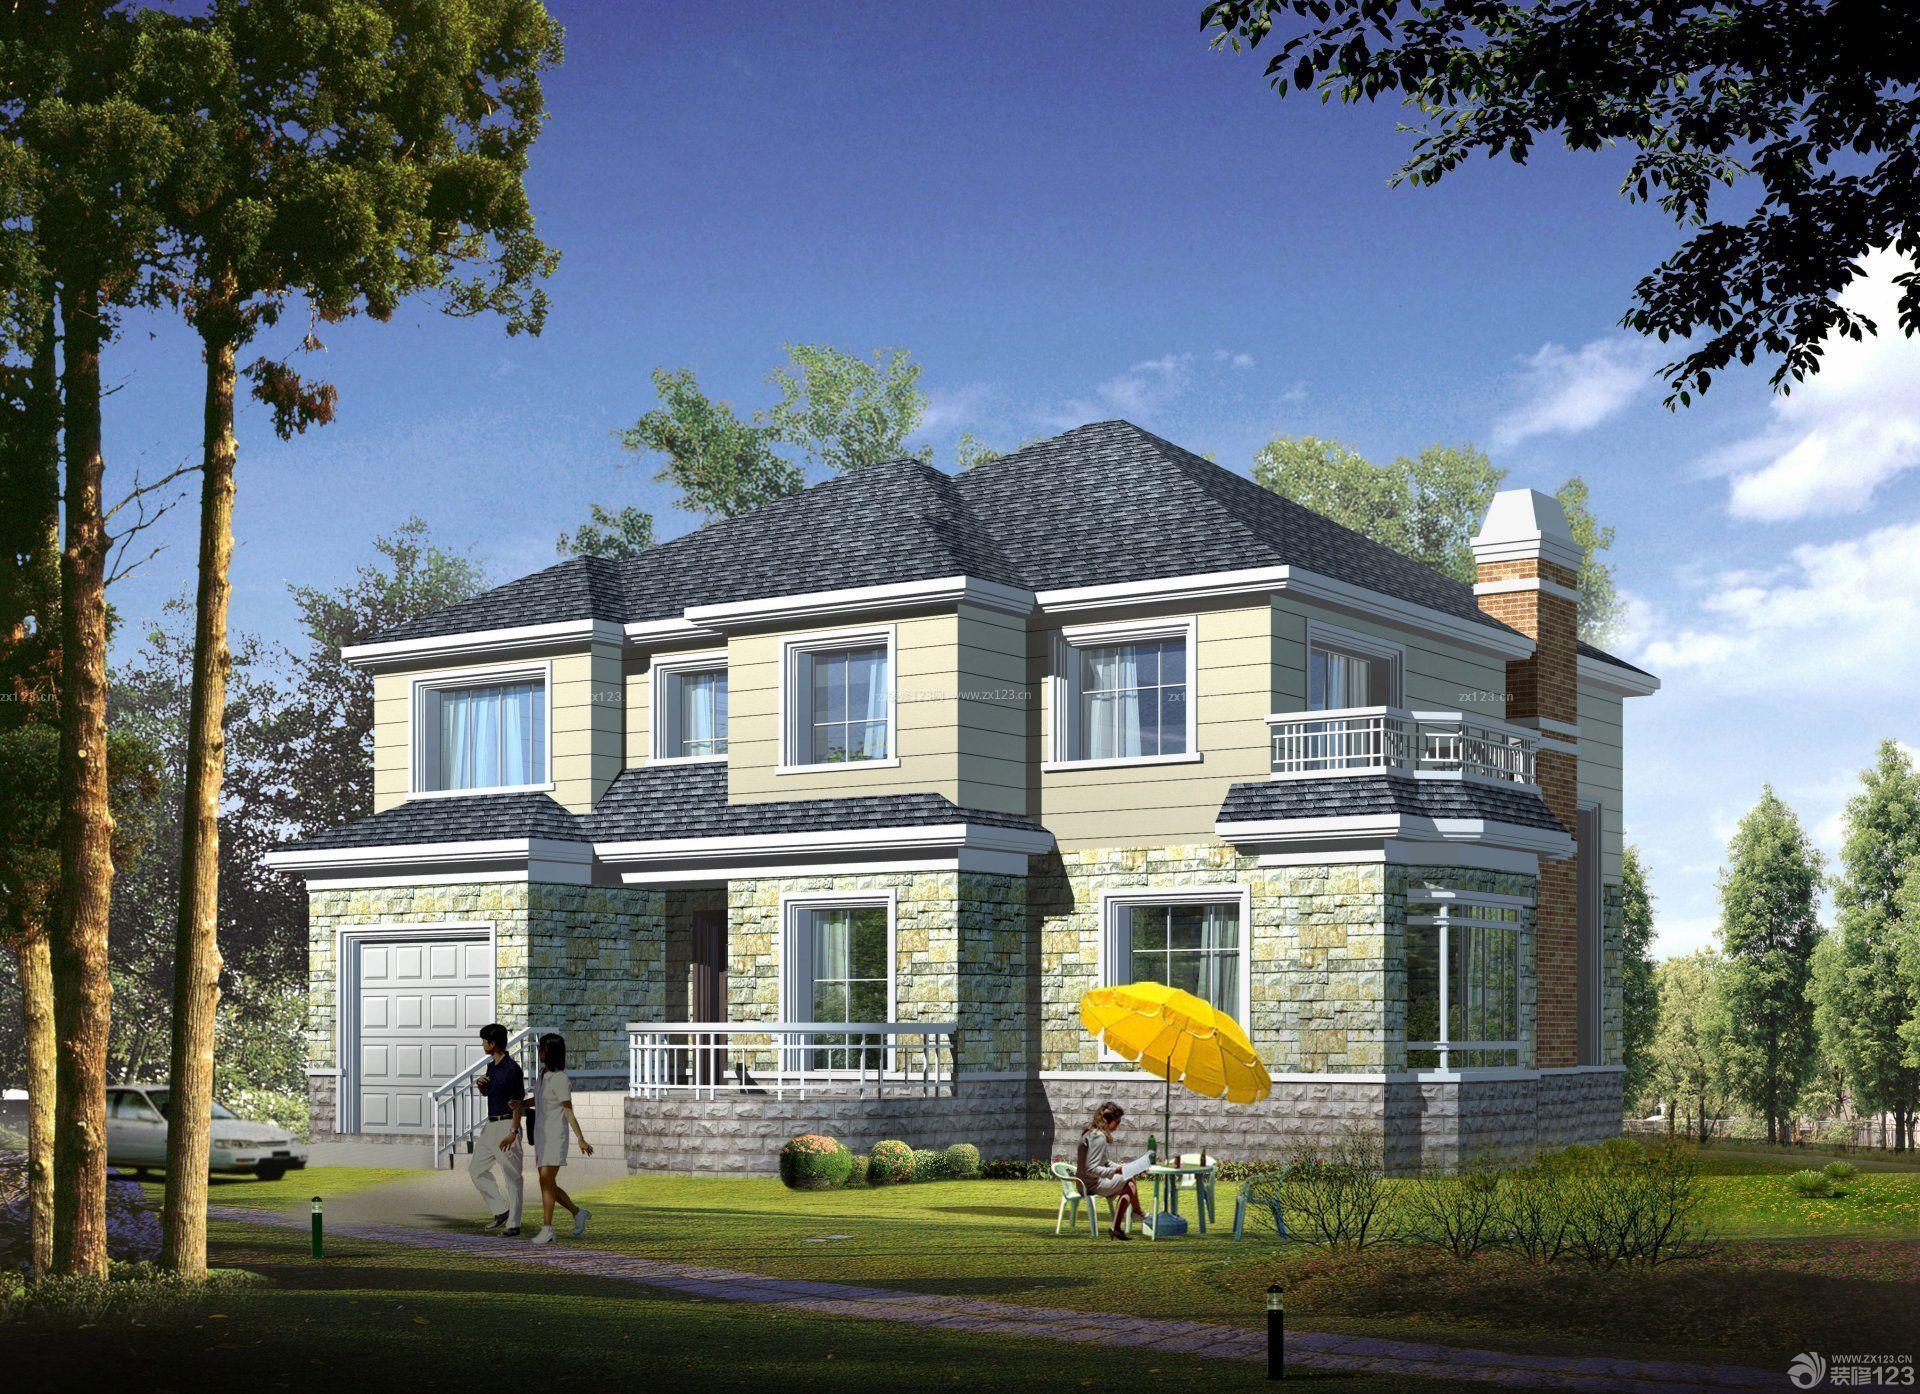 二层混搭风格南方农村房屋设计图图片